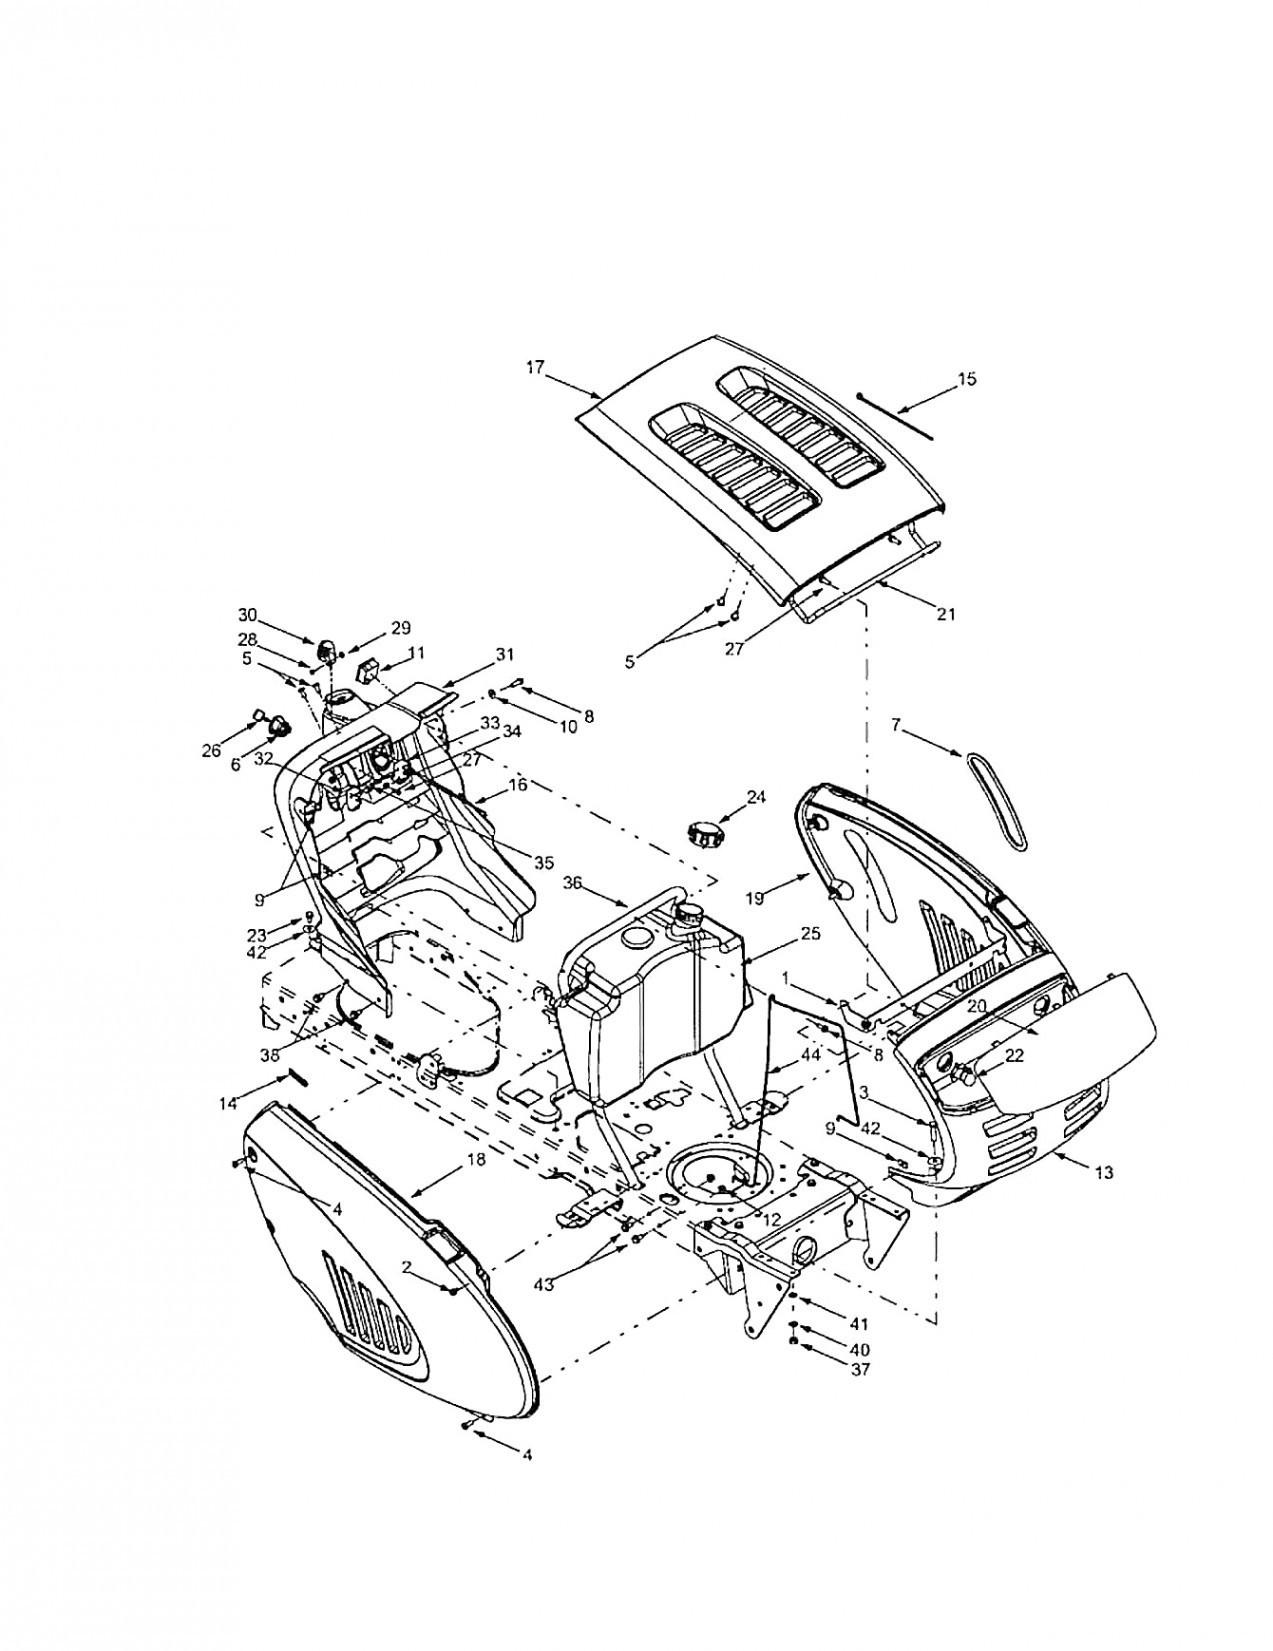 Troy Bilt Lawn Mower Engine Diagram Troy Bilt 17arcacq011 ... Troy Bilt Wiring Diagram on